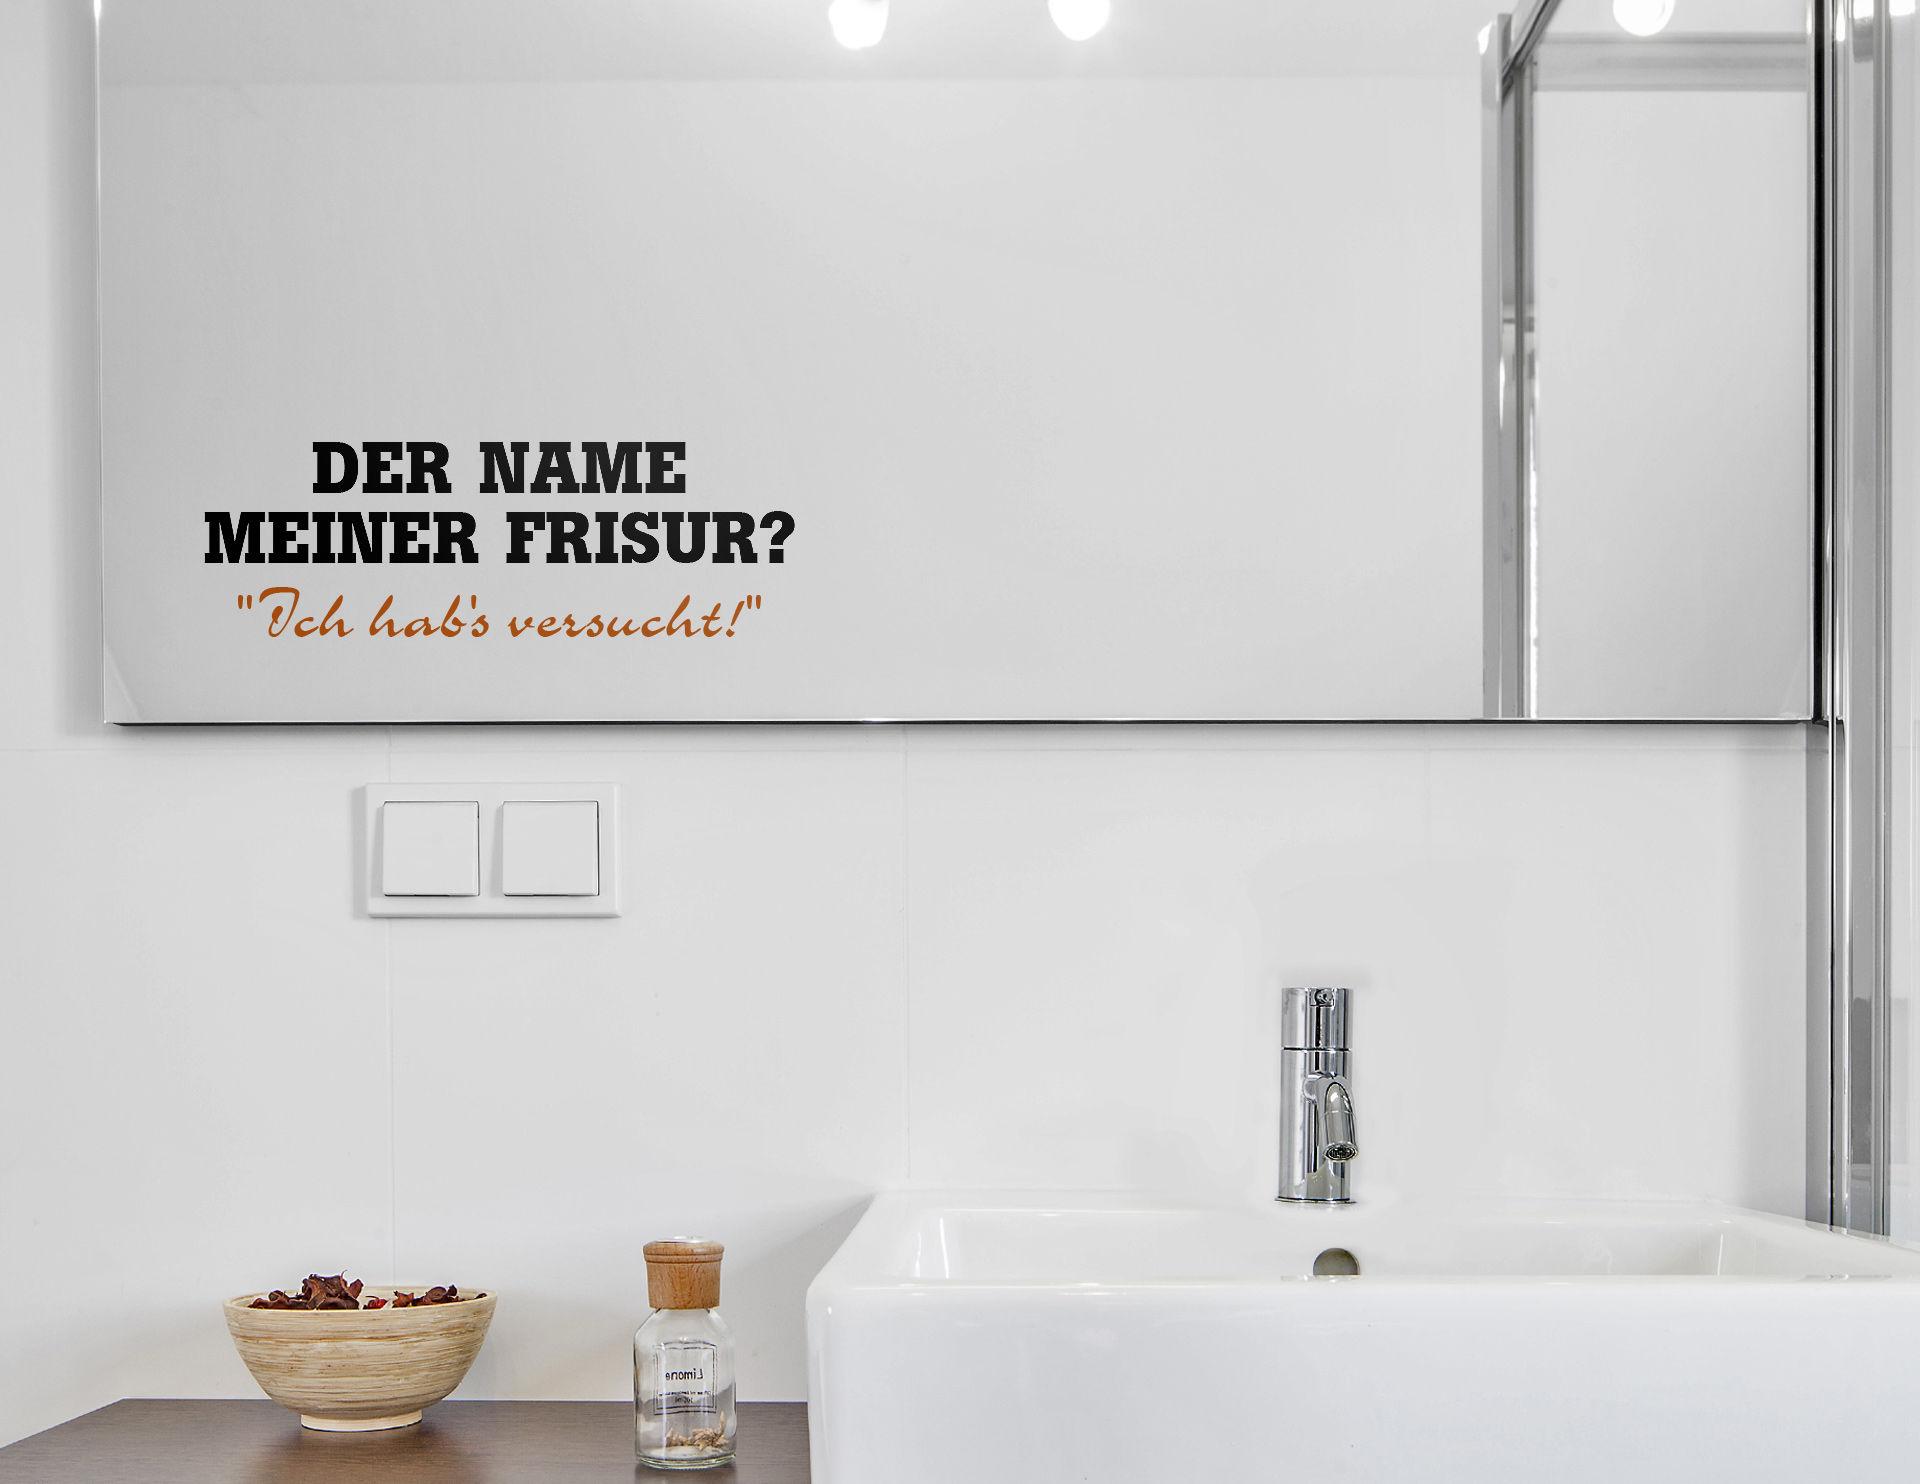 Entzückend Wandtattoo Selbst Gestalten Günstig Galerie Von Dein Wunschtext Als Neutural ~ Günstige Wandtattoos